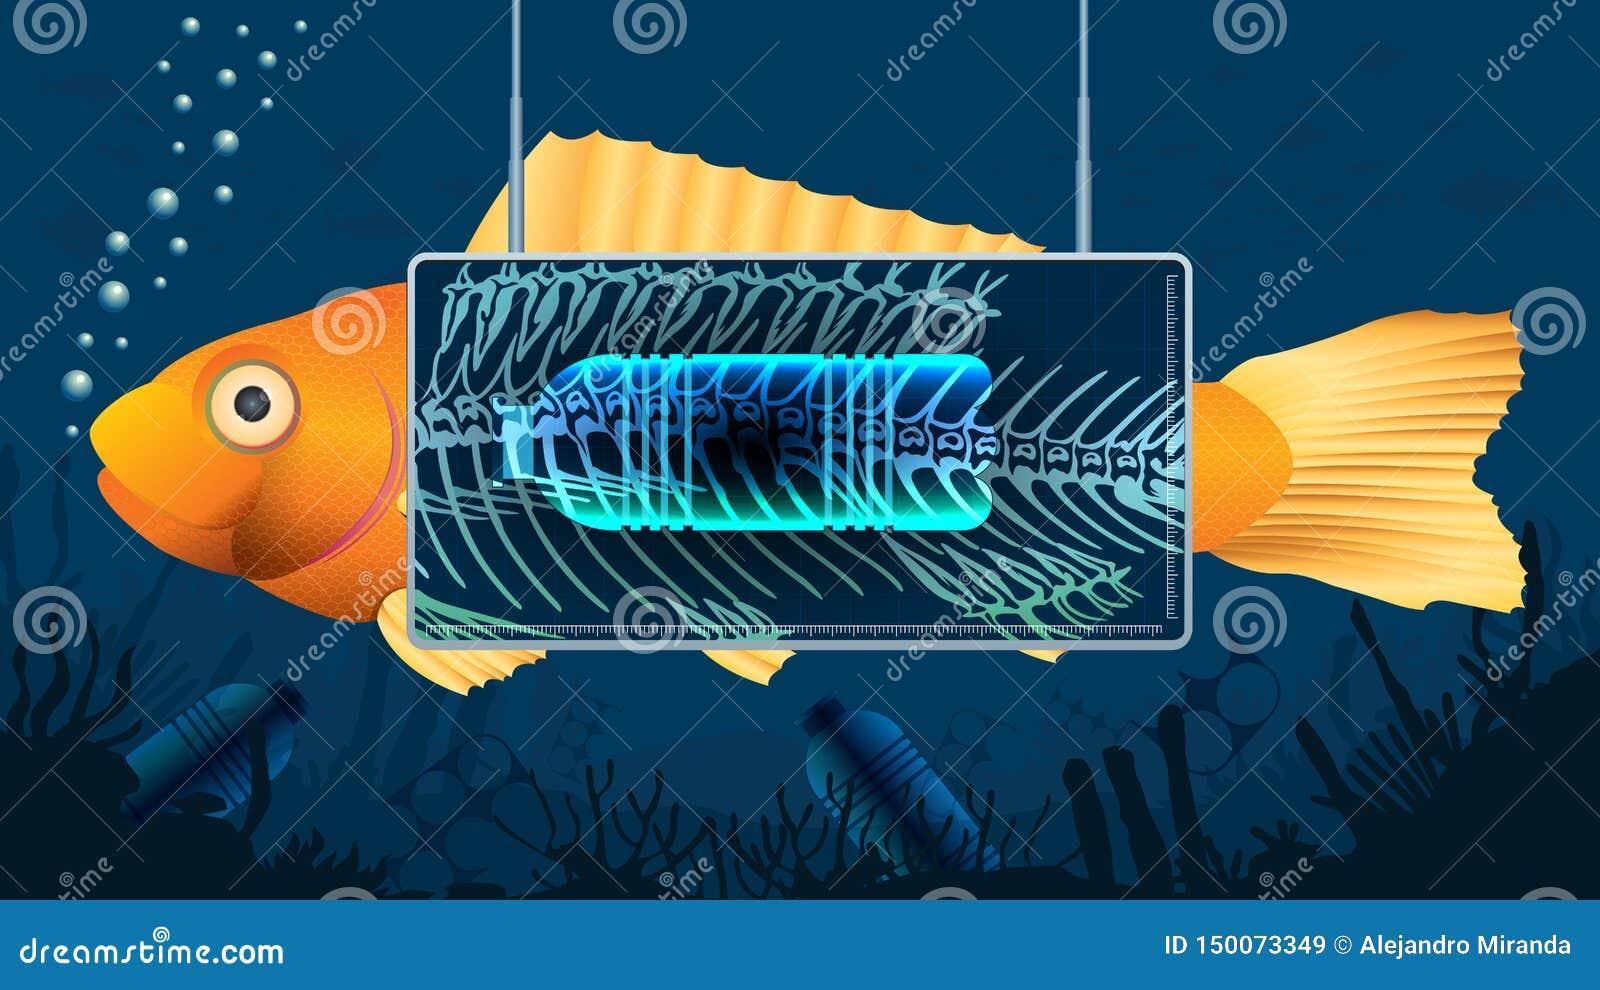 在显示在鱼的胃里面的X-射线屏幕后的金鱼塑料瓶在污染的蓝色水下的背景